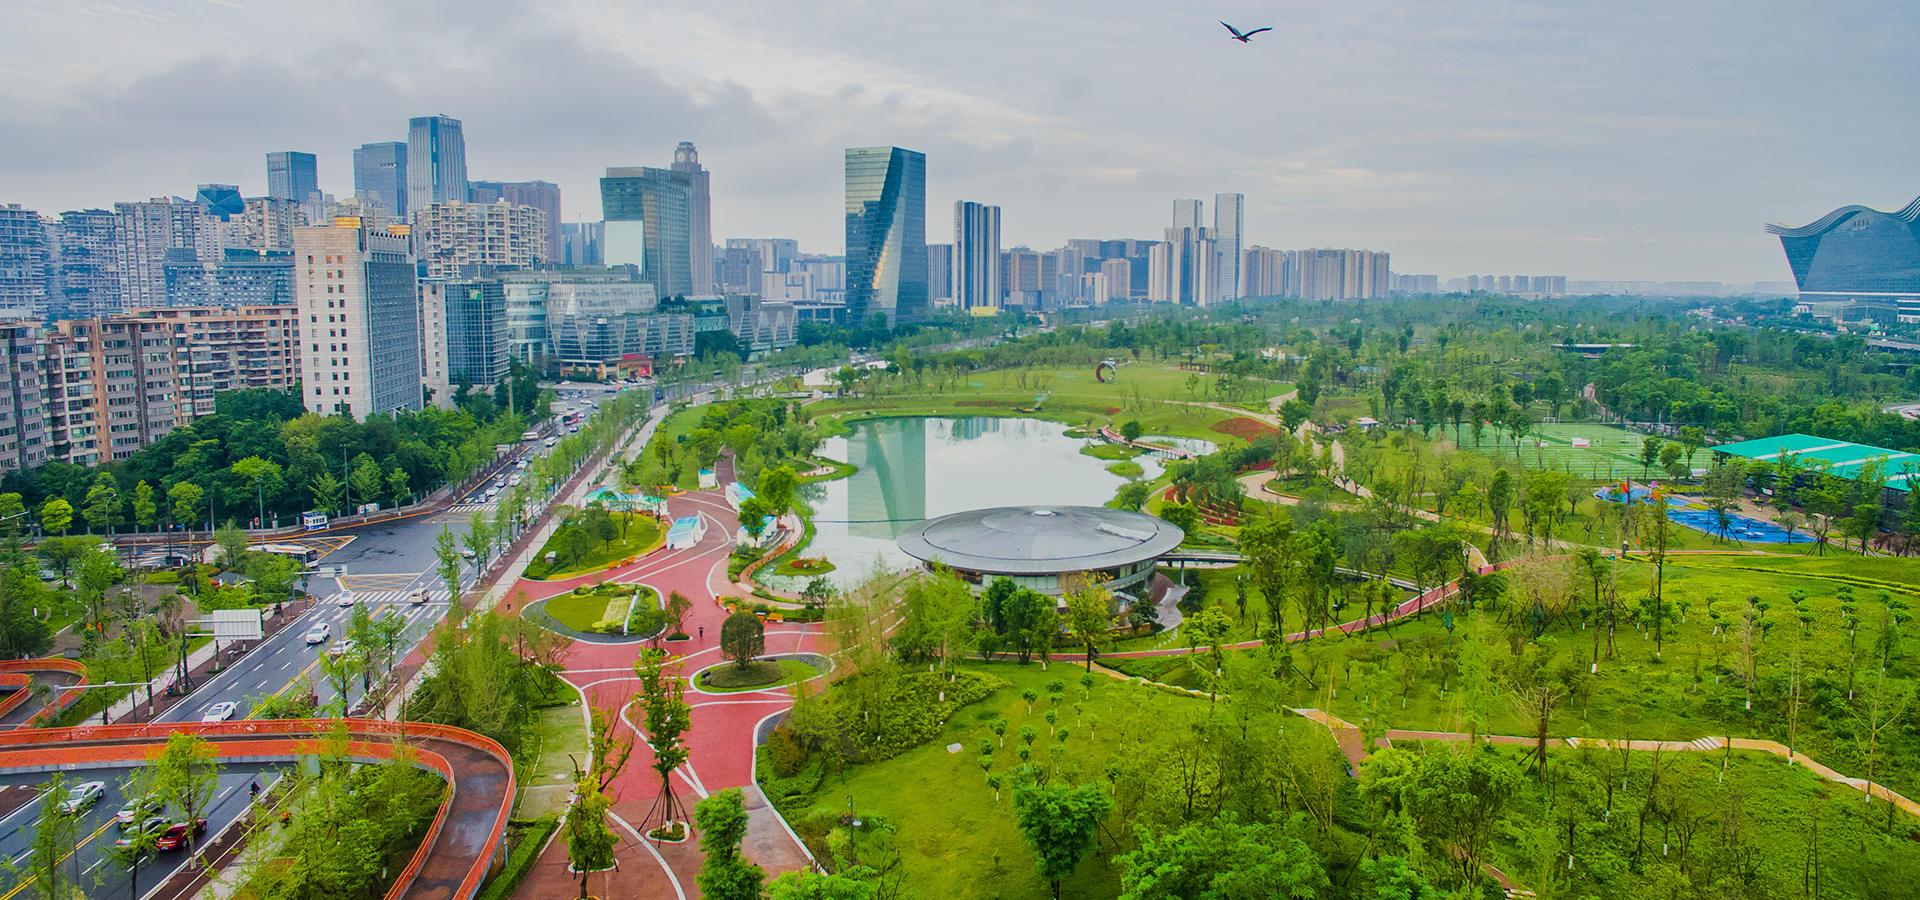 生态设施开发商,公园城市建设先锋军